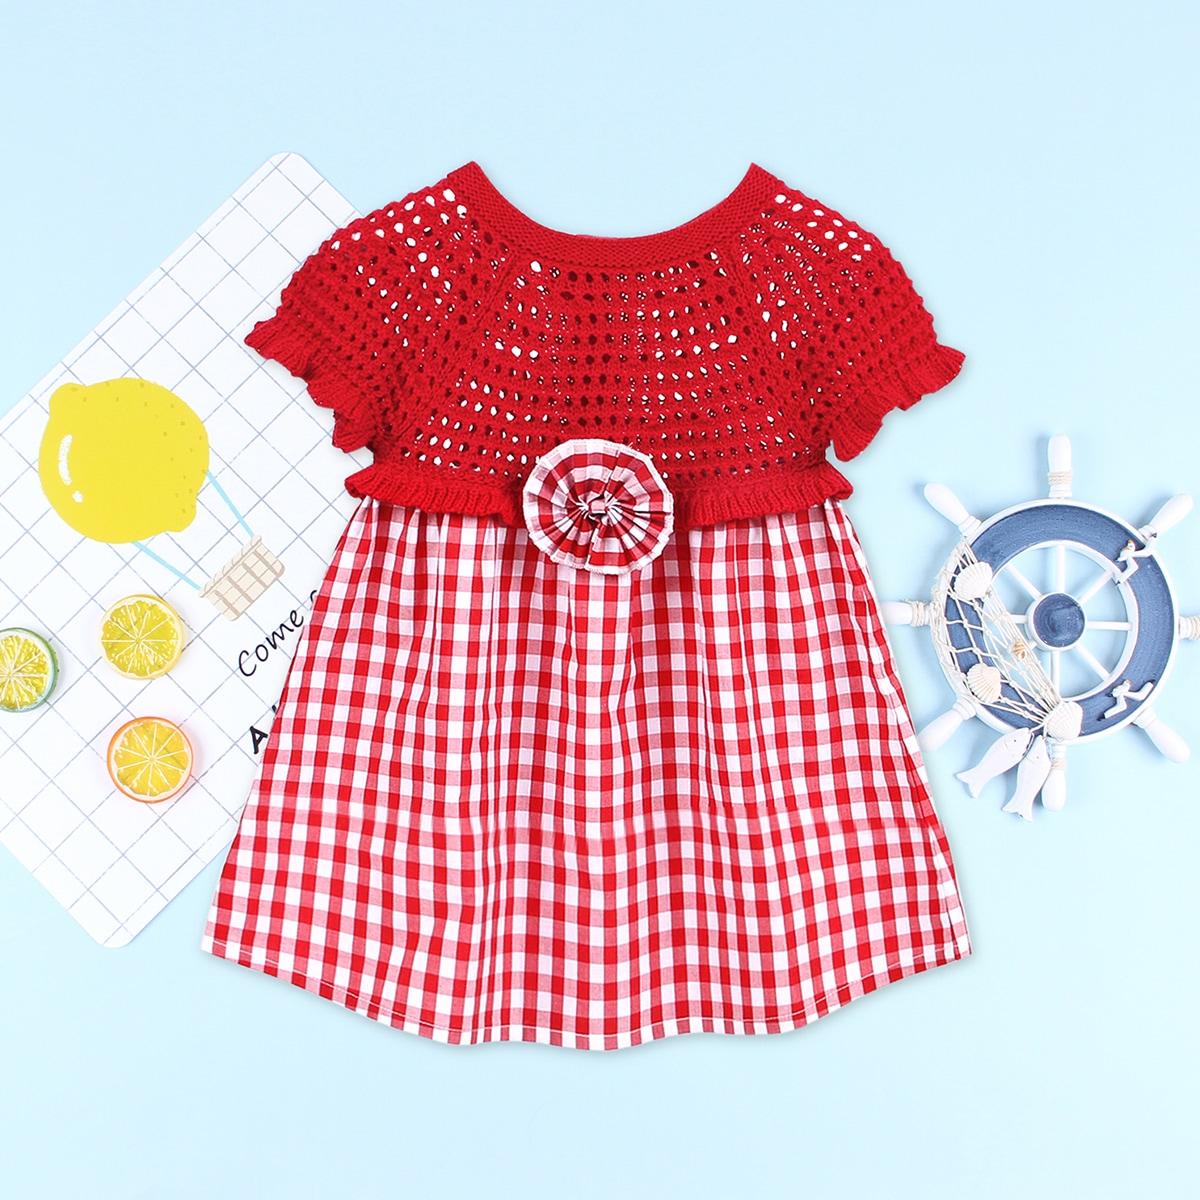 Оборка Клетка милый Трикотажные платья для девочек по цене 760